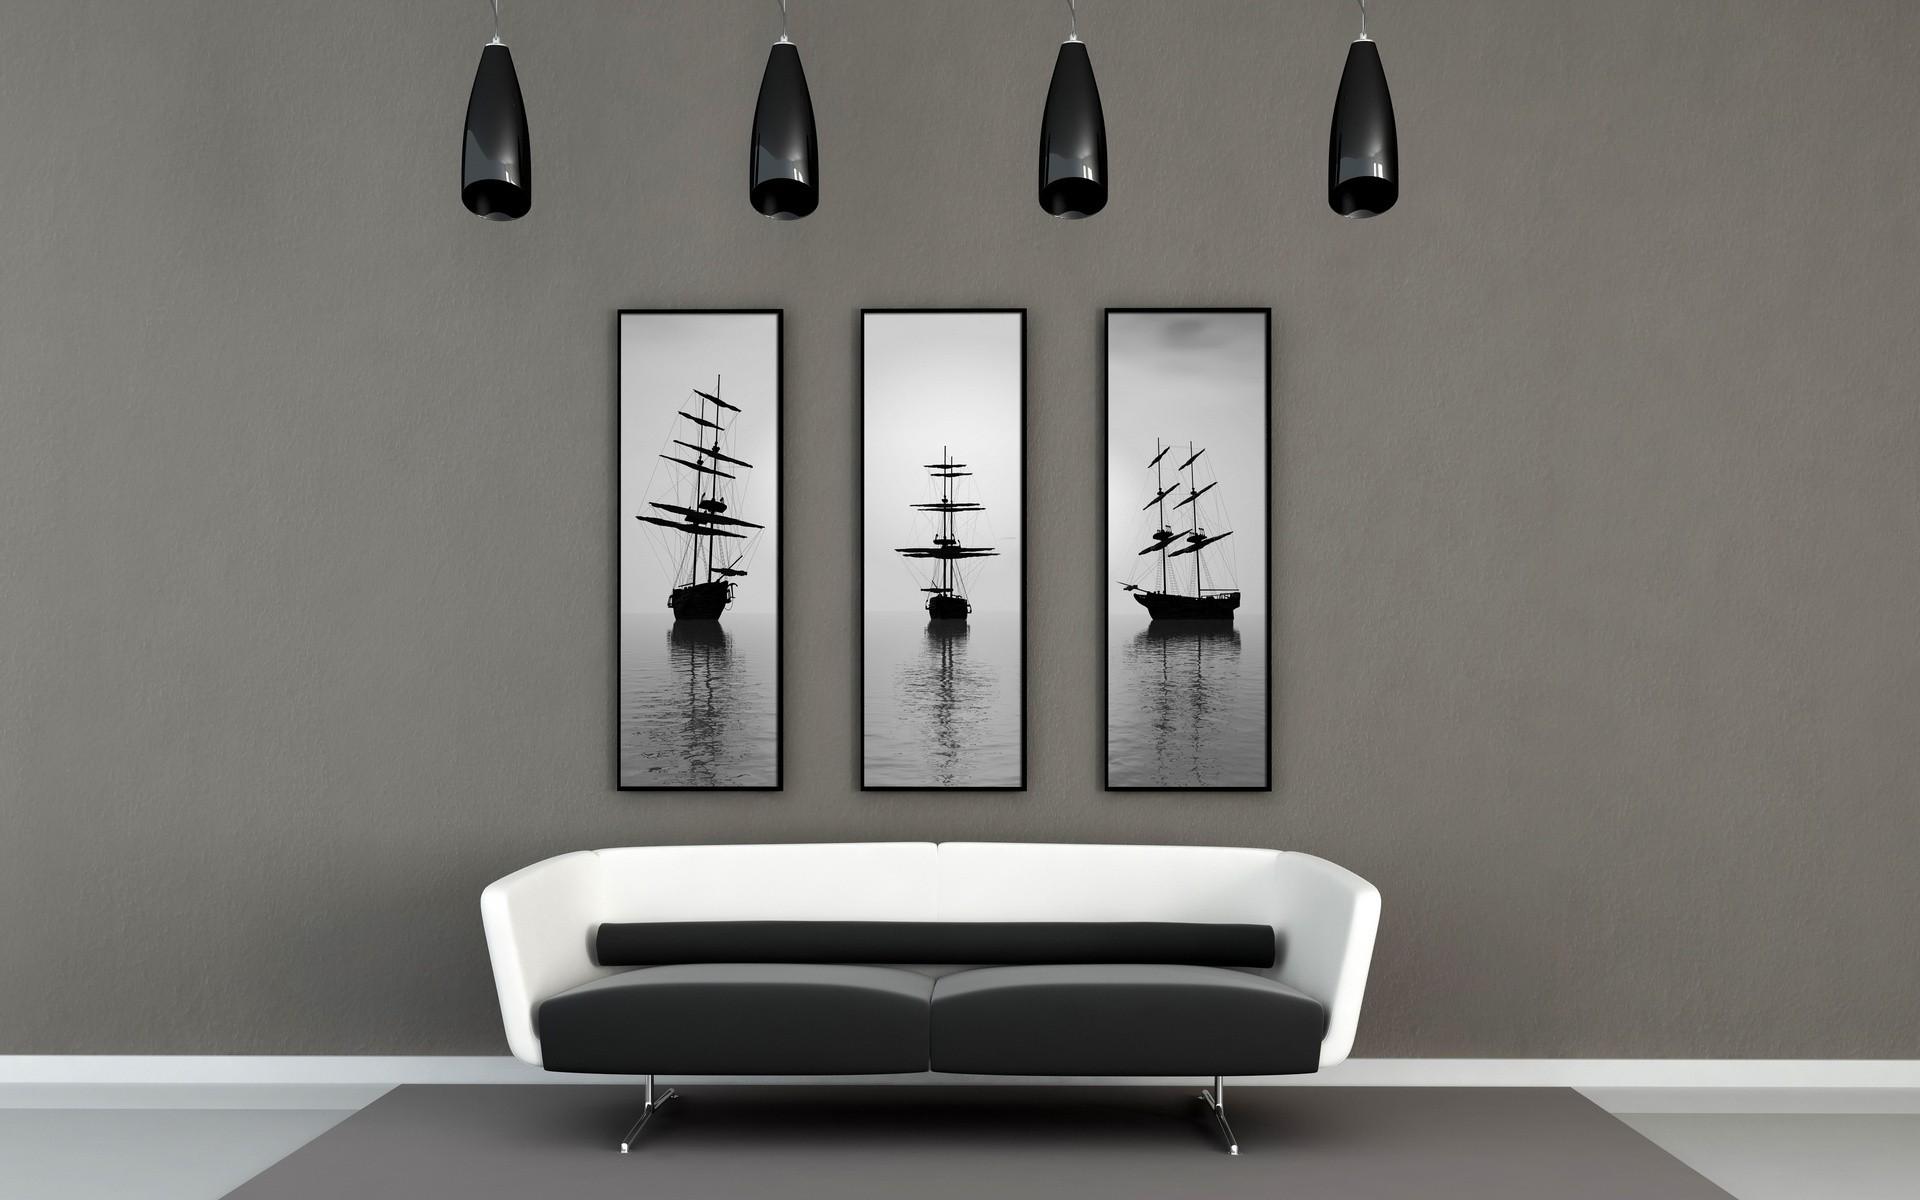 Fond D Cran Blanc Bateau Voile Chambre Mur Canap  # Design Meuble Moderne Sur Fond Blanc